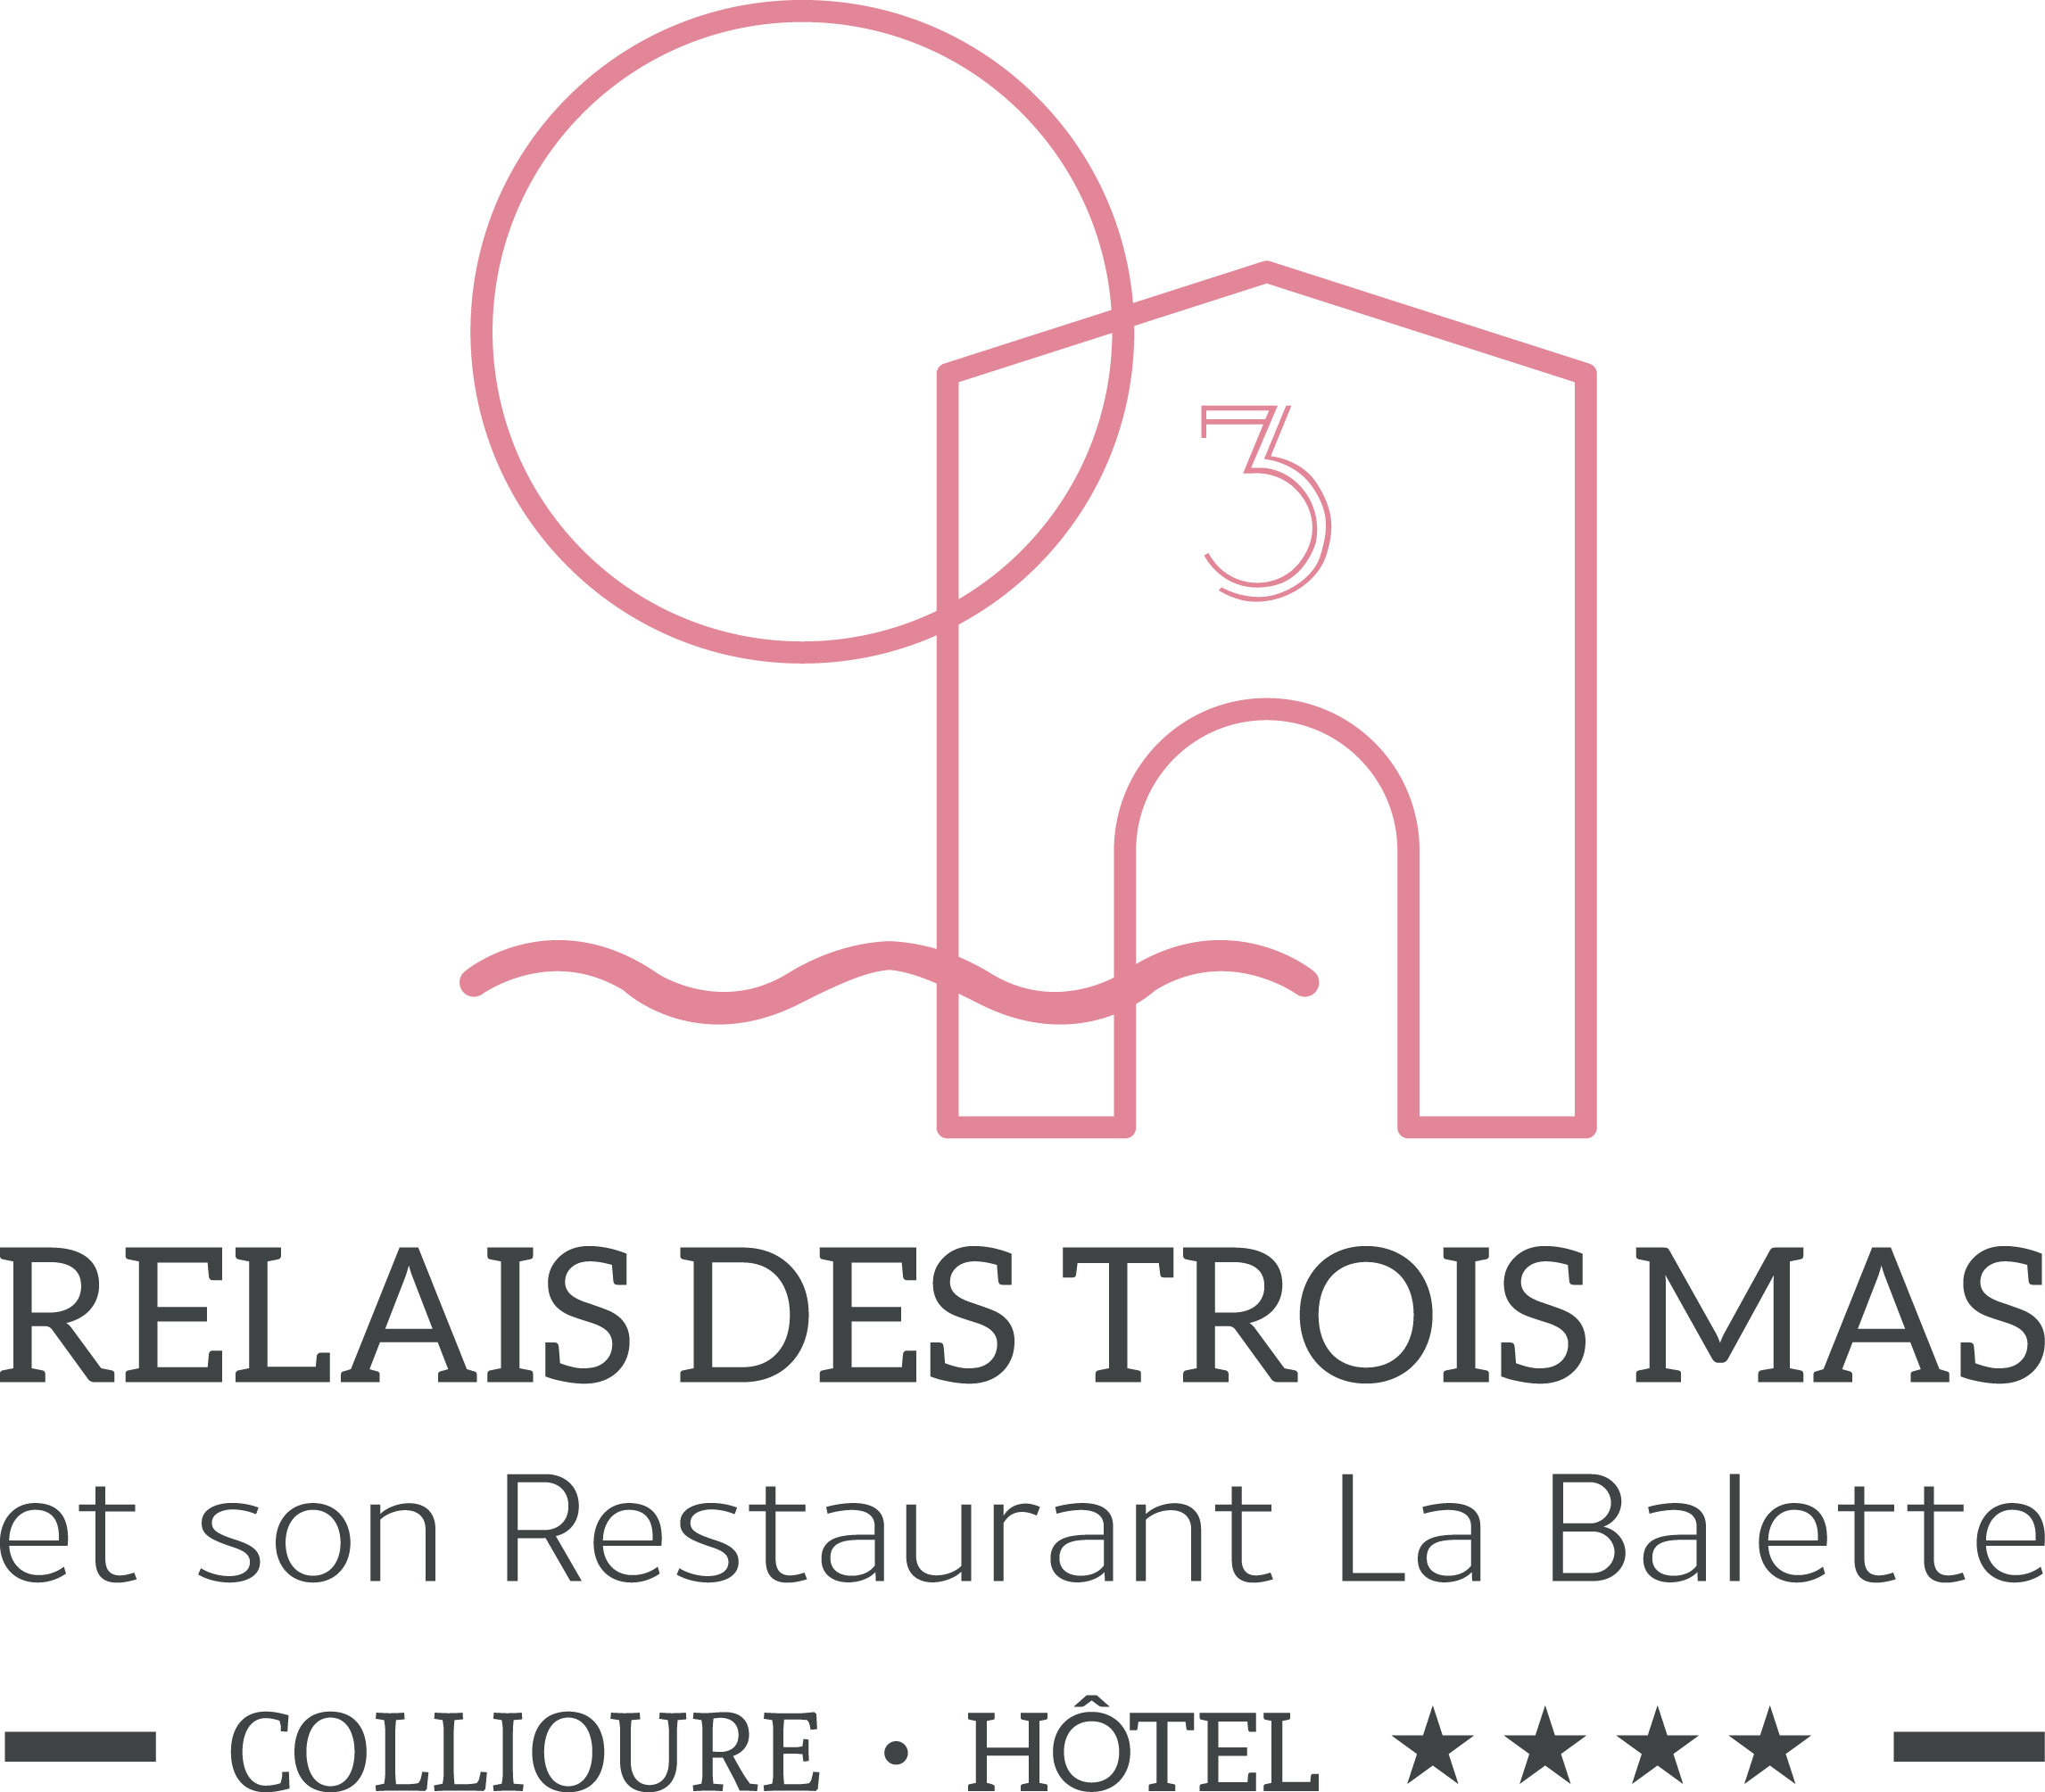 Hôtel Relais des Trois Mas - Restaurant la Balette